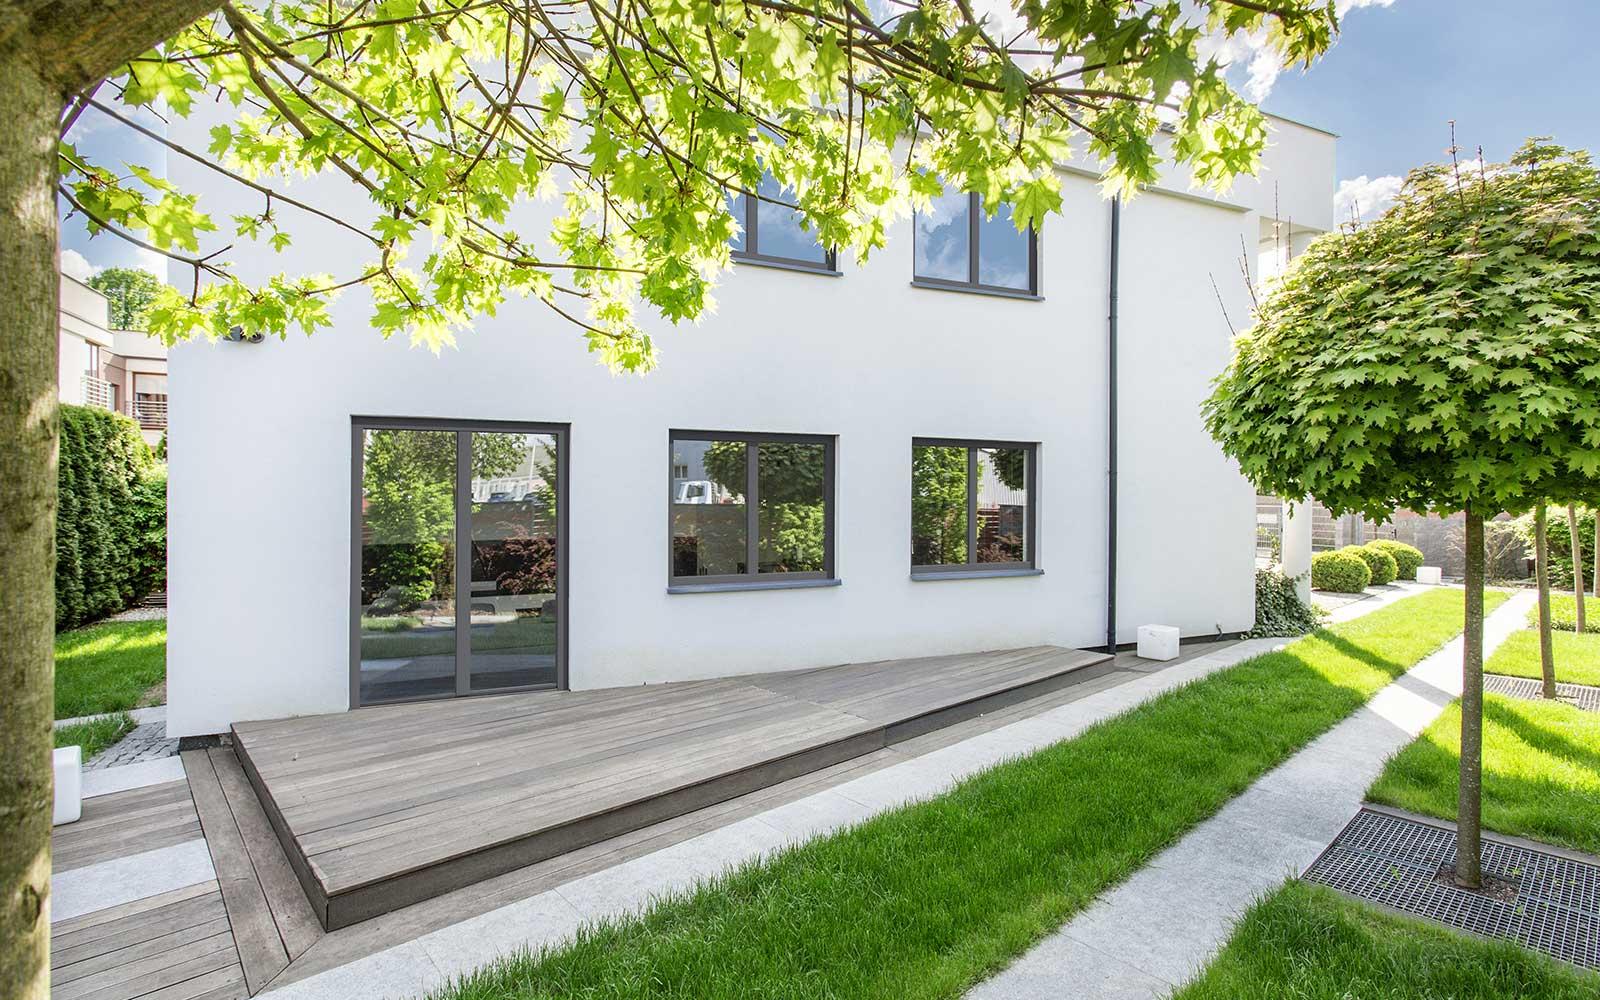 un condominio moderno con vista delle finestre